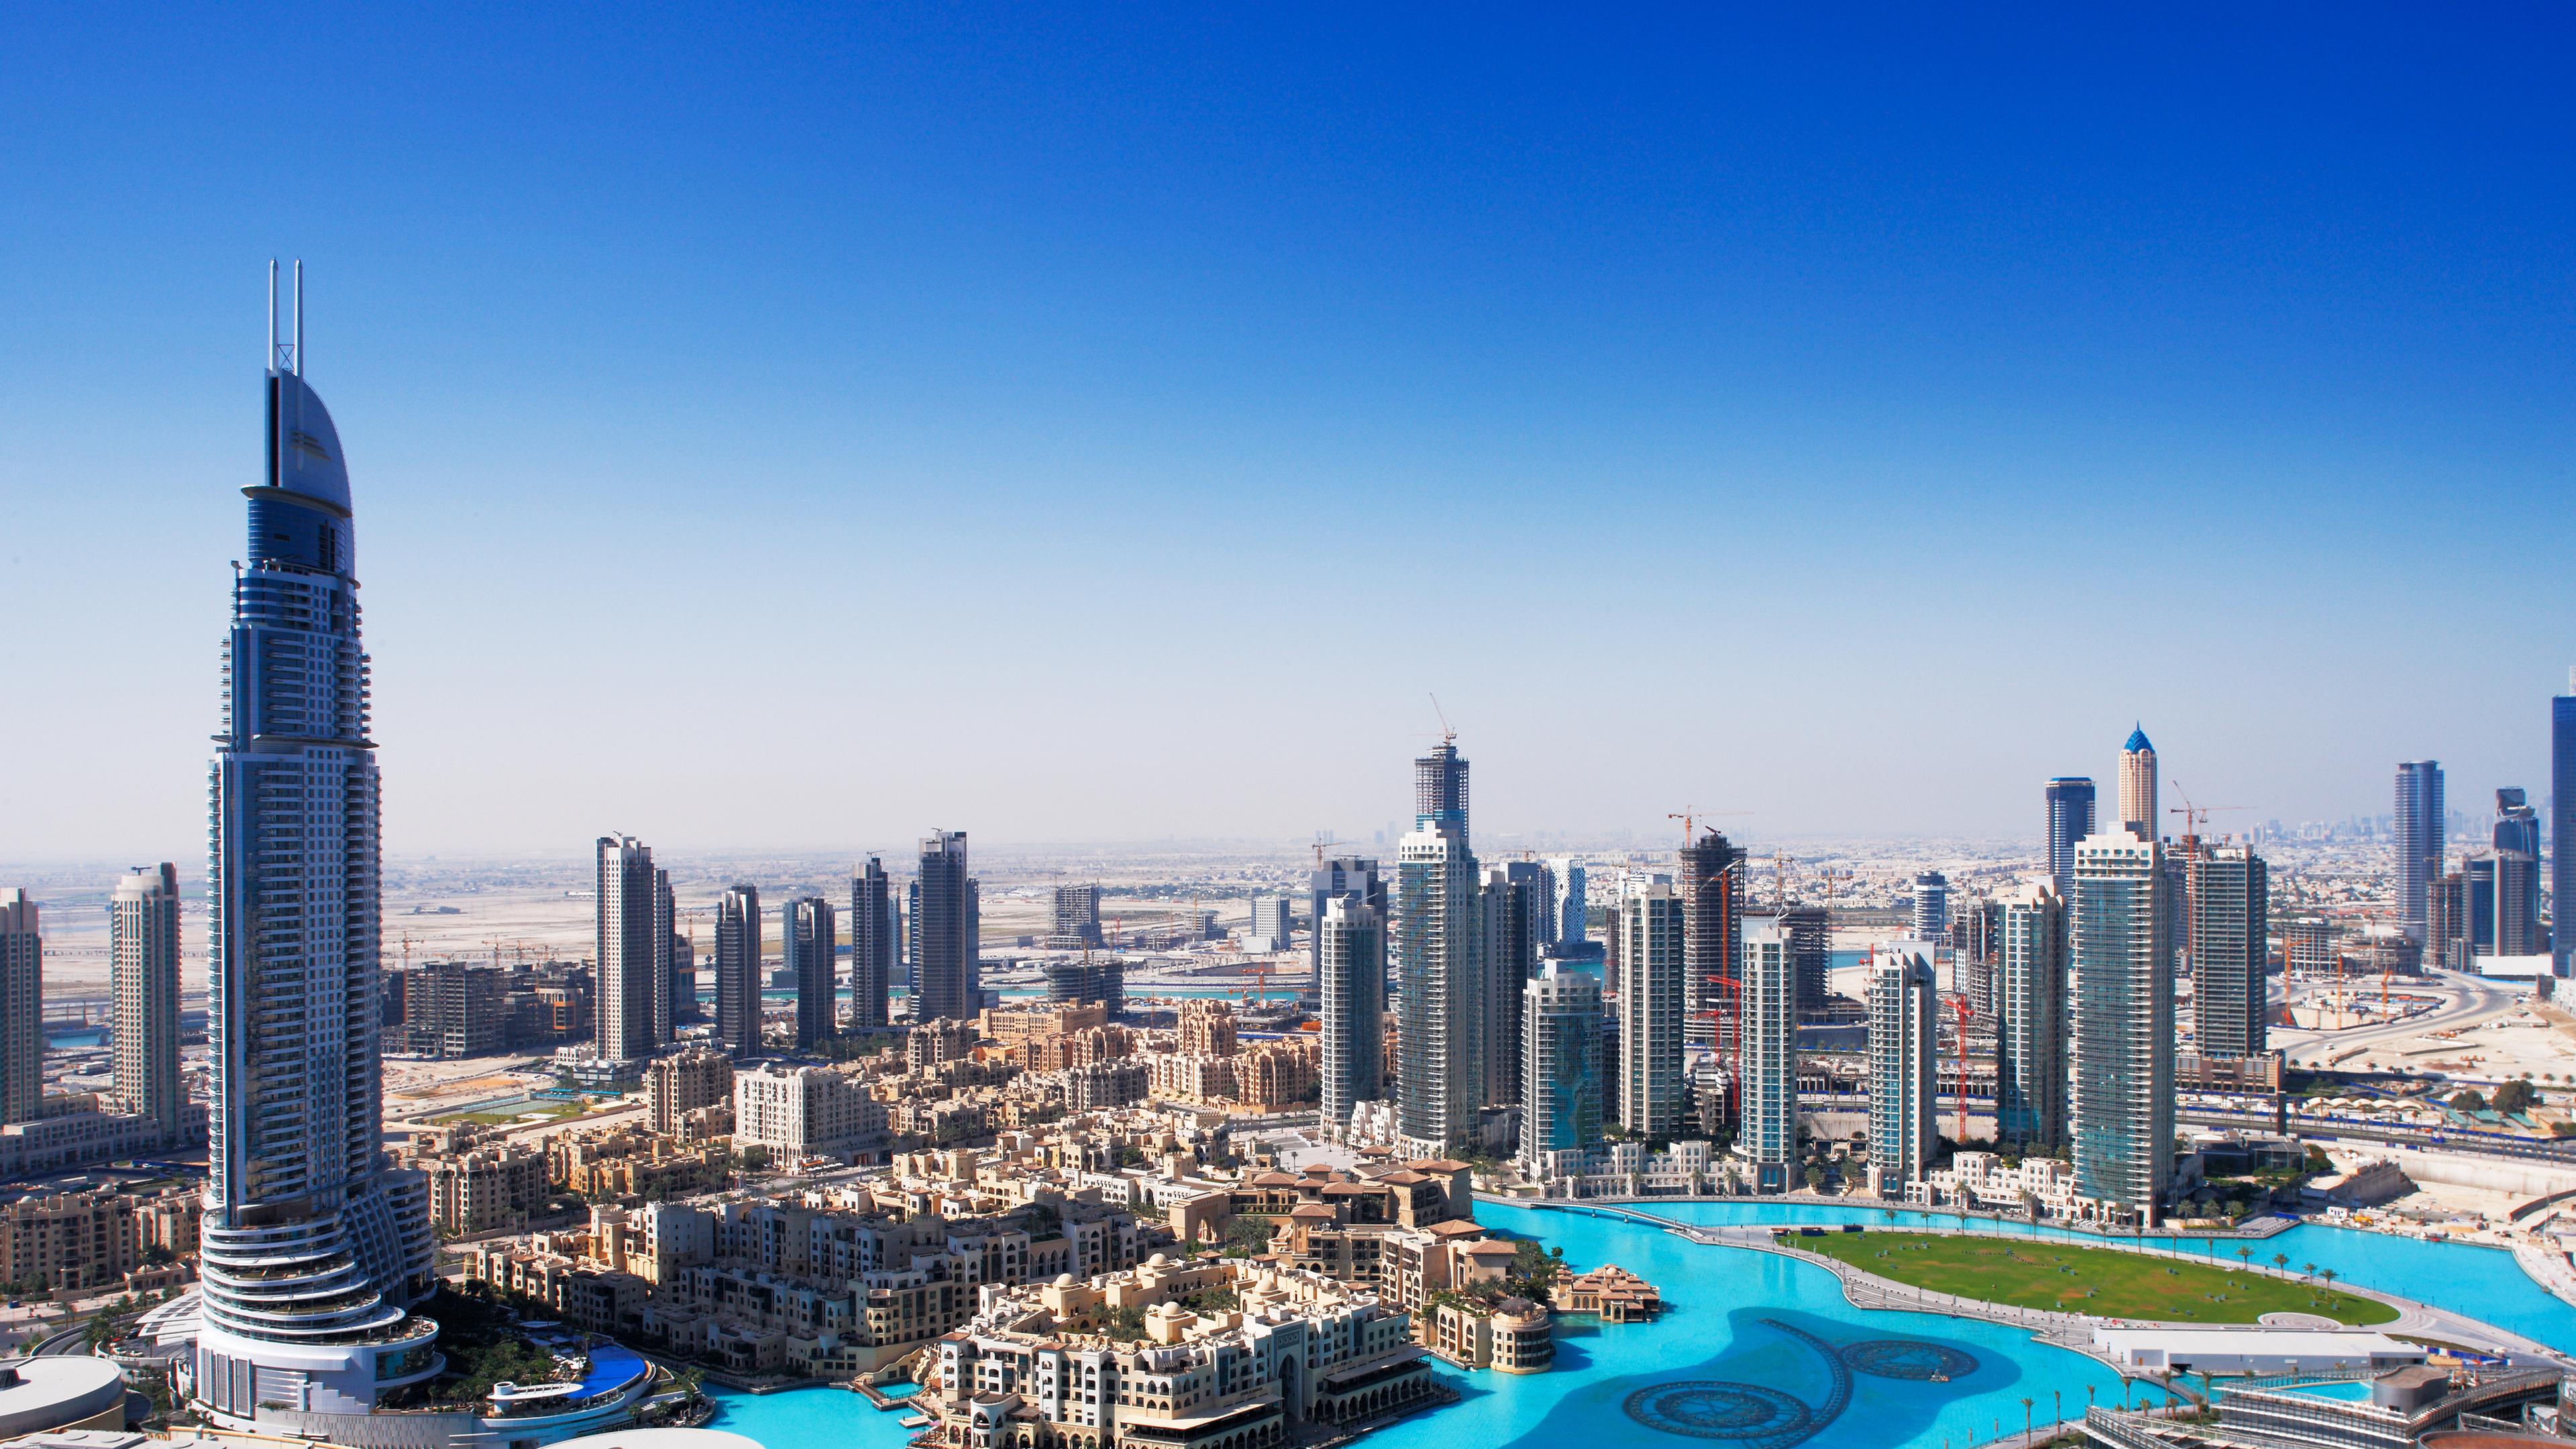 Dubai 4K Wallpaper 3840×2160